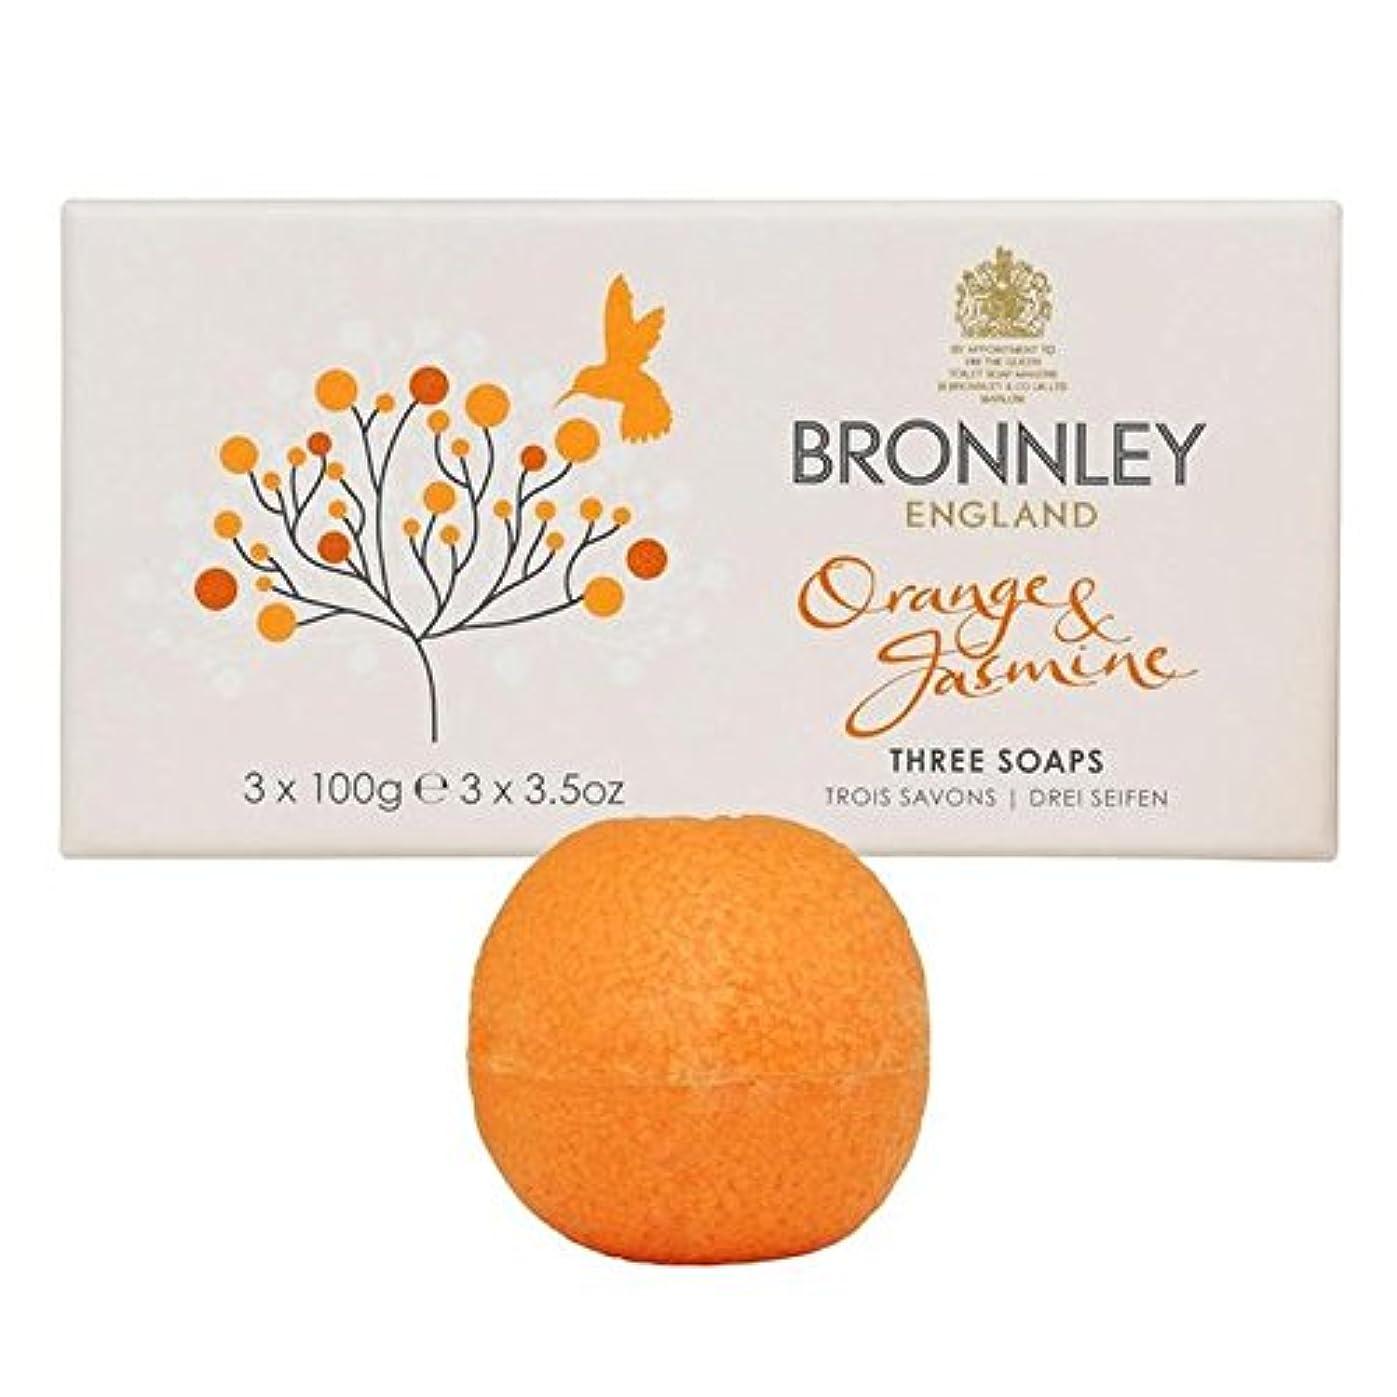 厚い器官抗生物質Bronnley Orange & Jasmine Soaps 3 x 100g (Pack of 6) - オレンジ&ジャスミン石鹸3×100グラム x6 [並行輸入品]